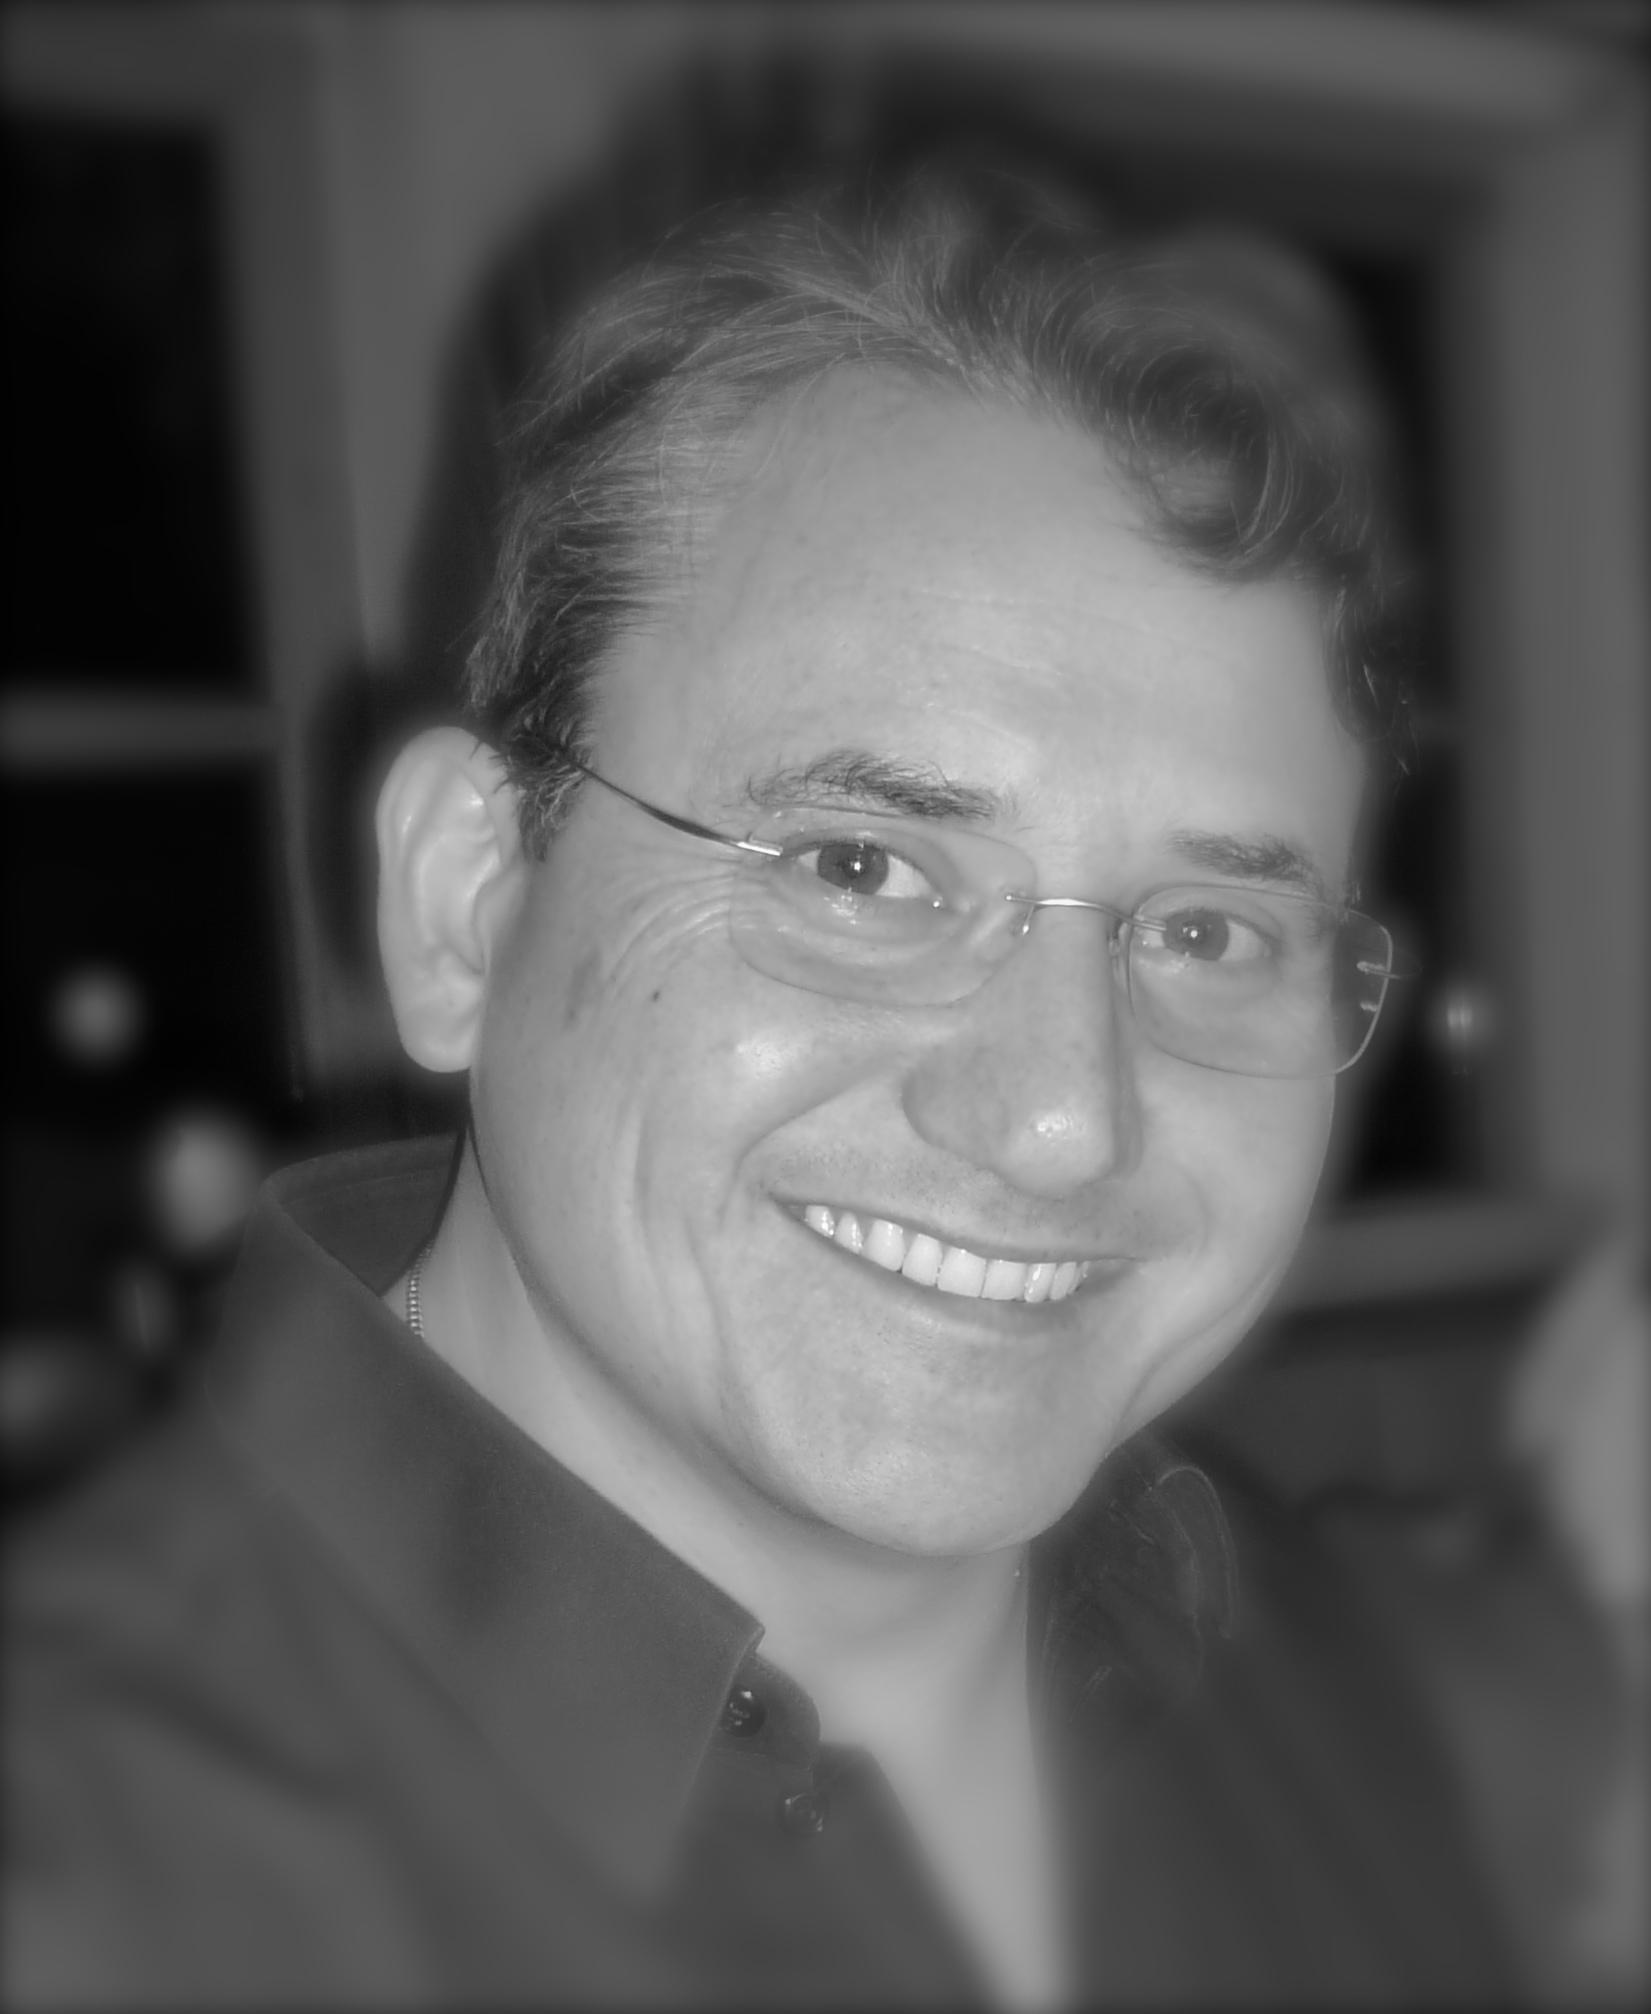 Marcel Eichenberger unterrichtet seid 1997 im Bereich der Sekundarstufe I und II an verschiedenen öffentlichen und privaten Schulen im Kanton Zürich ... - ME